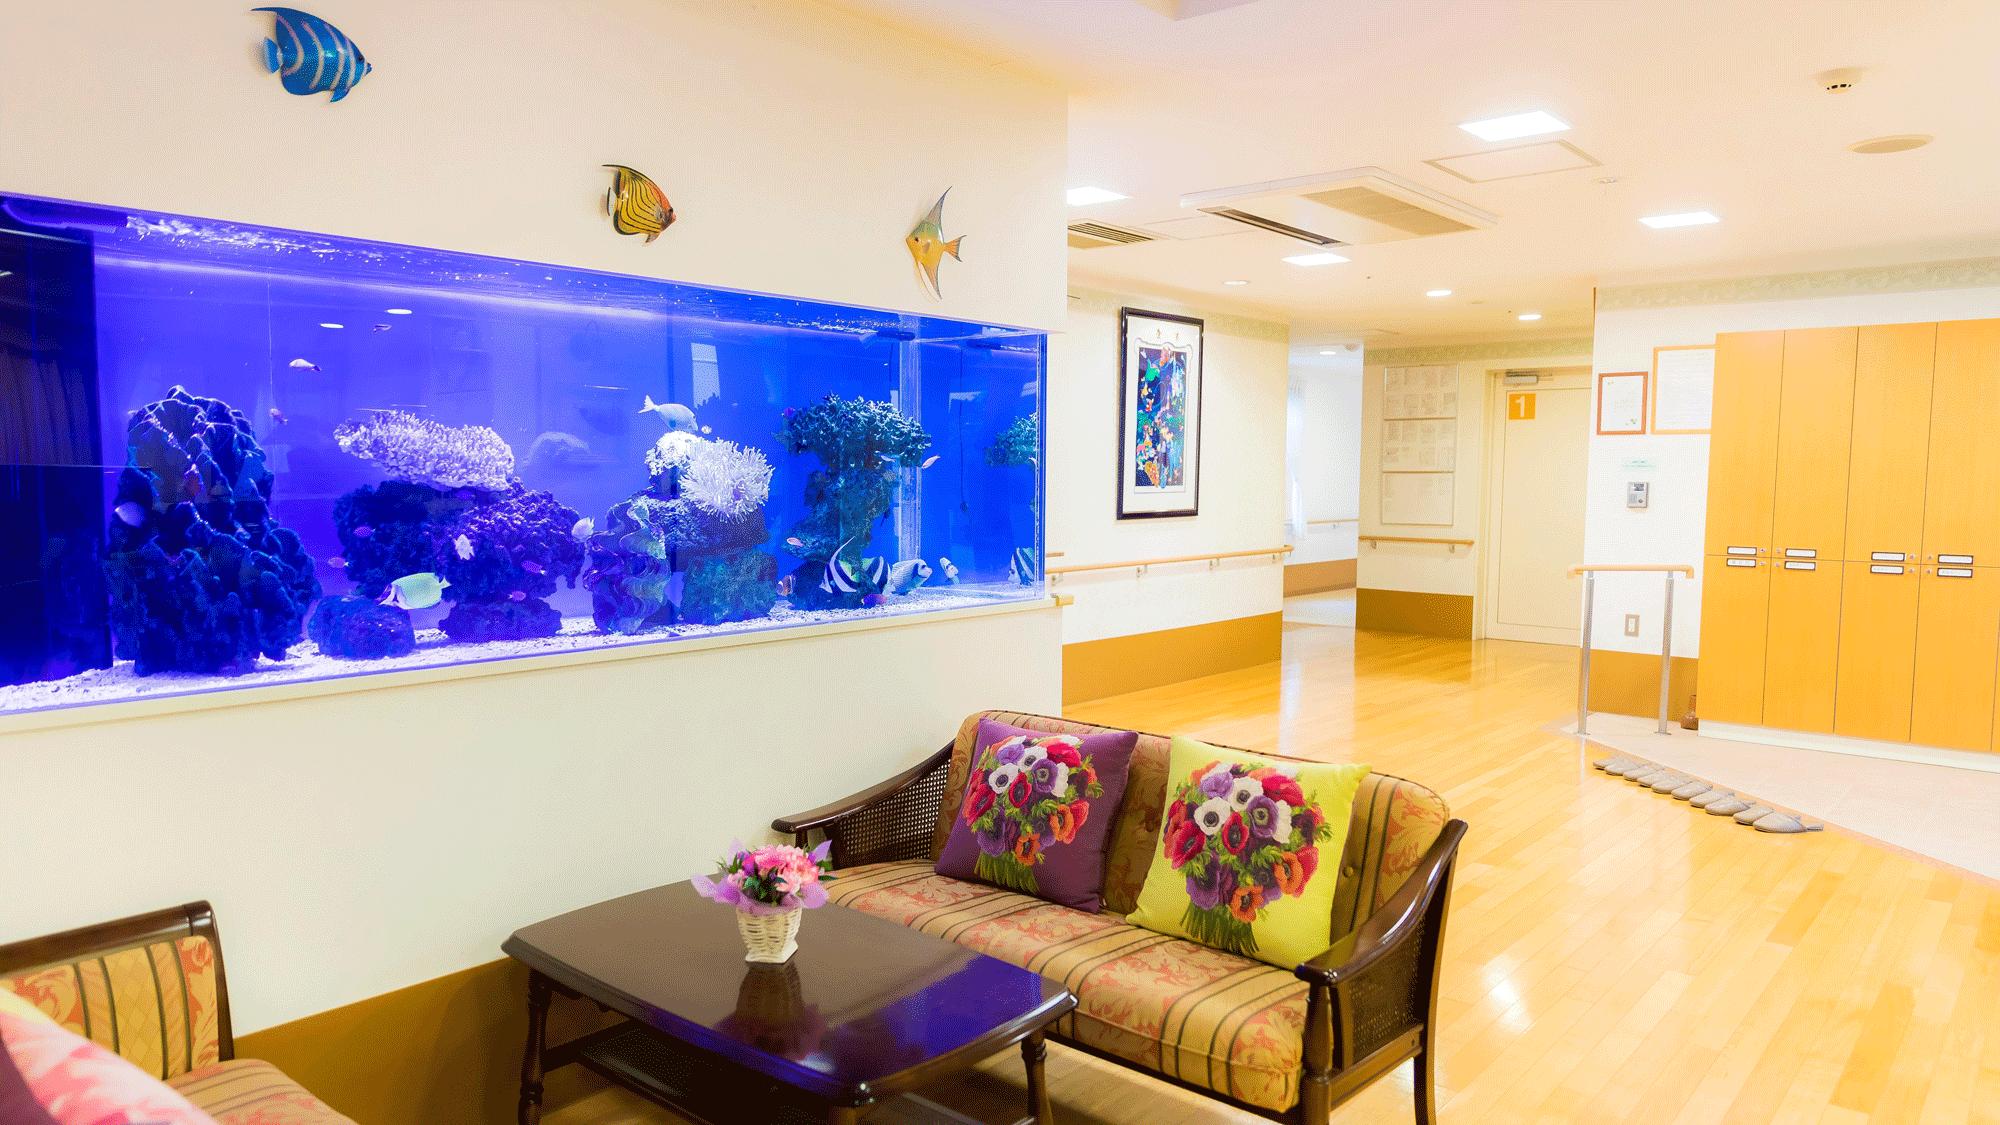 まるで水族館みたいな2.6mの大きな水槽に、ゆったりと泳ぐカラフルな海水魚には癒されます。